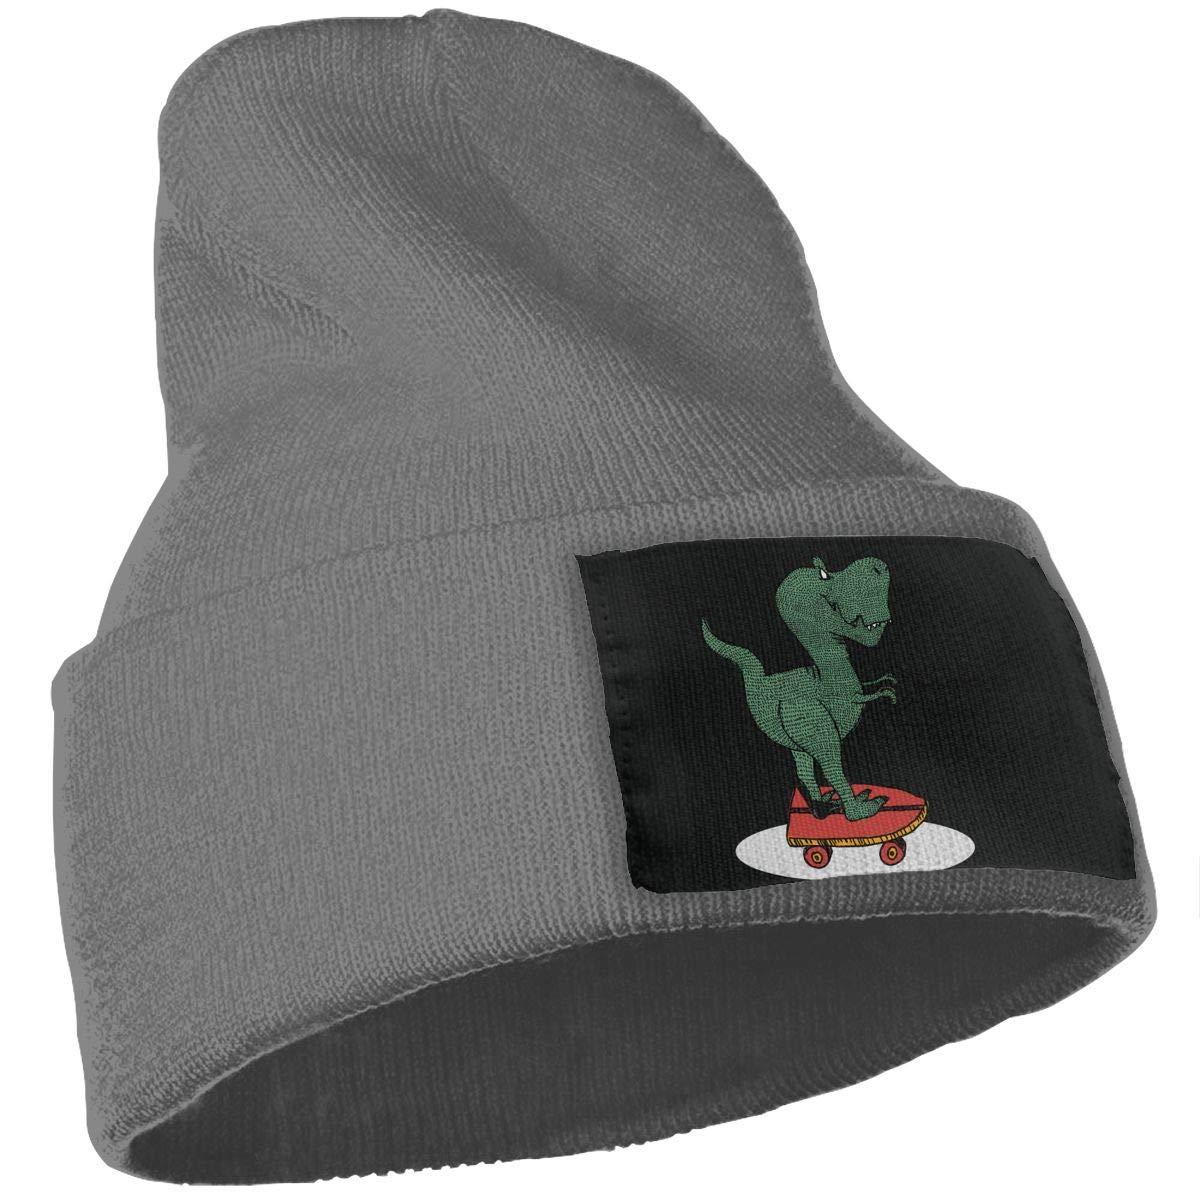 SLADDD1 Skateboarding Dinosaur Warm Winter Hat Knit Beanie Skull Cap Cuff Beanie Hat Winter Hats for Men /& Women